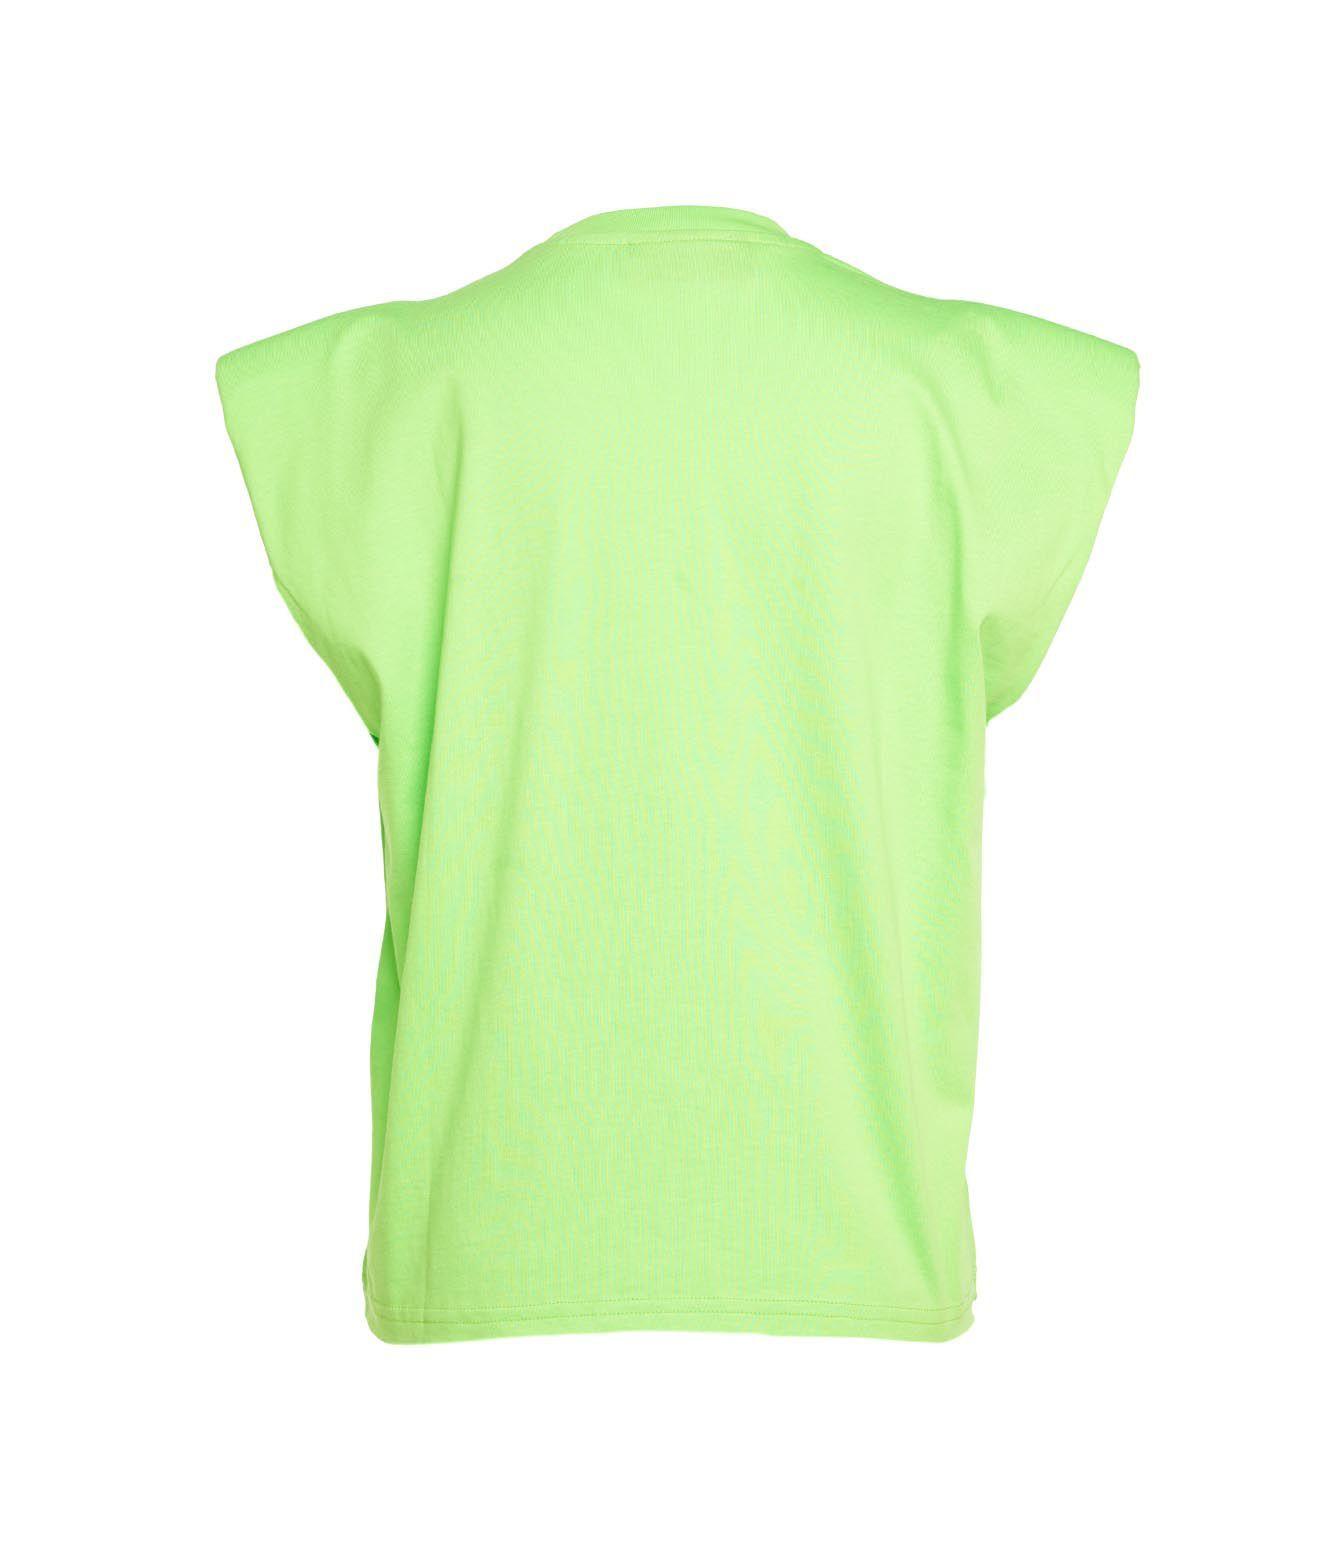 CHIARA FERRAGNI T-shirts CHIARA FERRAGNI WOMEN'S GREEN OTHER MATERIALS T-SHIRT